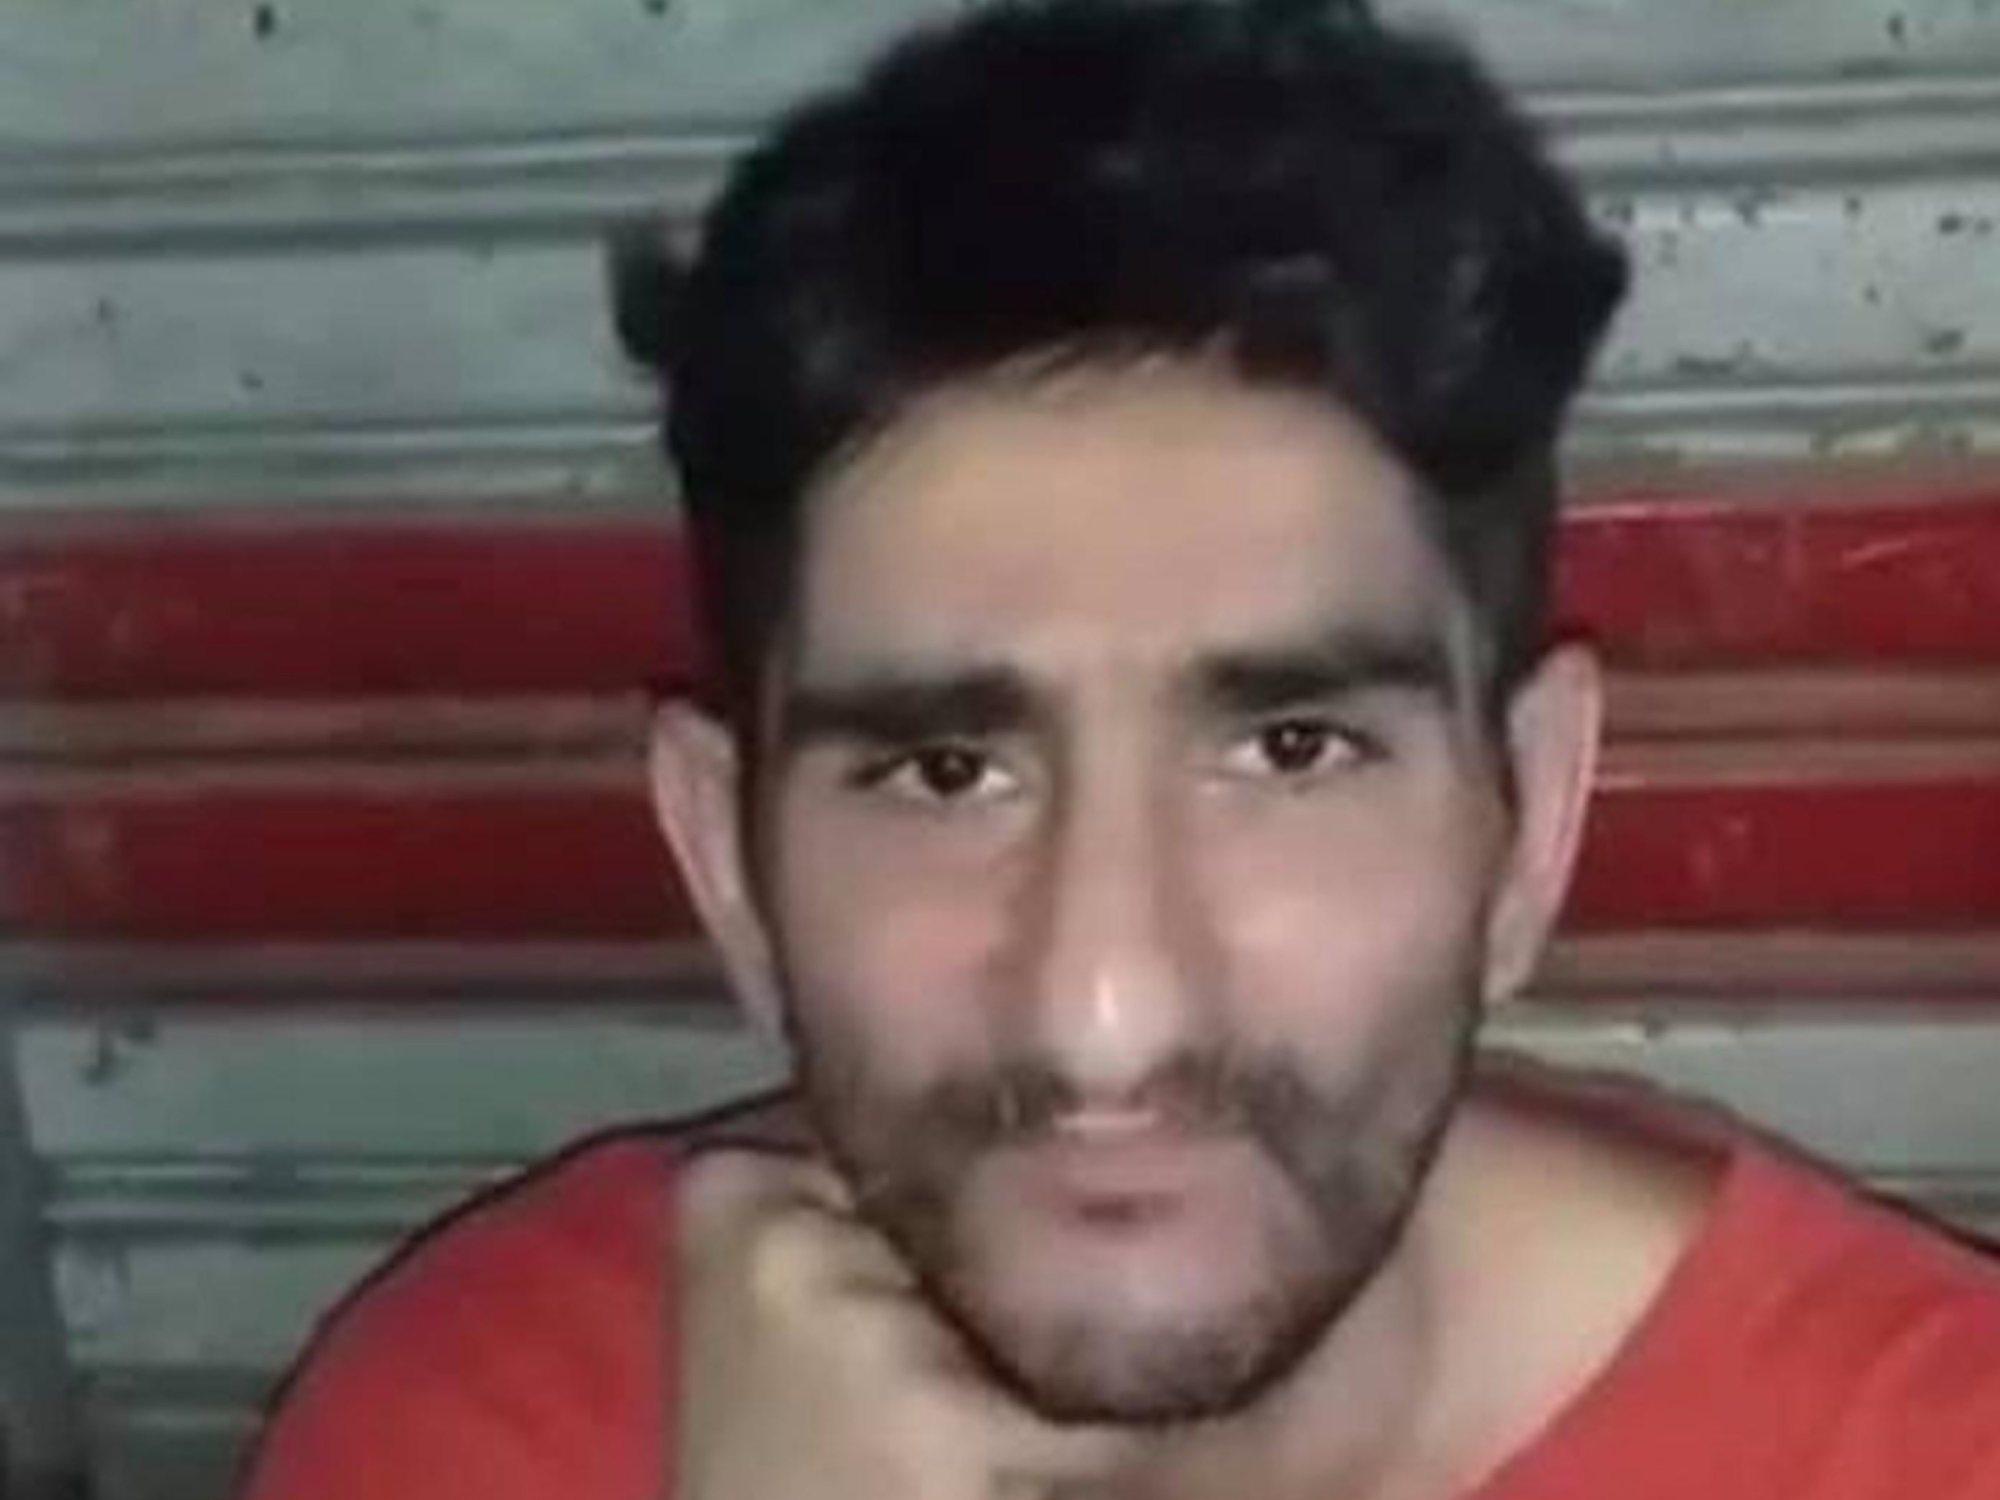 Muere un ciudadano estadounidense al ser deportado a Irak, a pesar de que nunca vivió allí